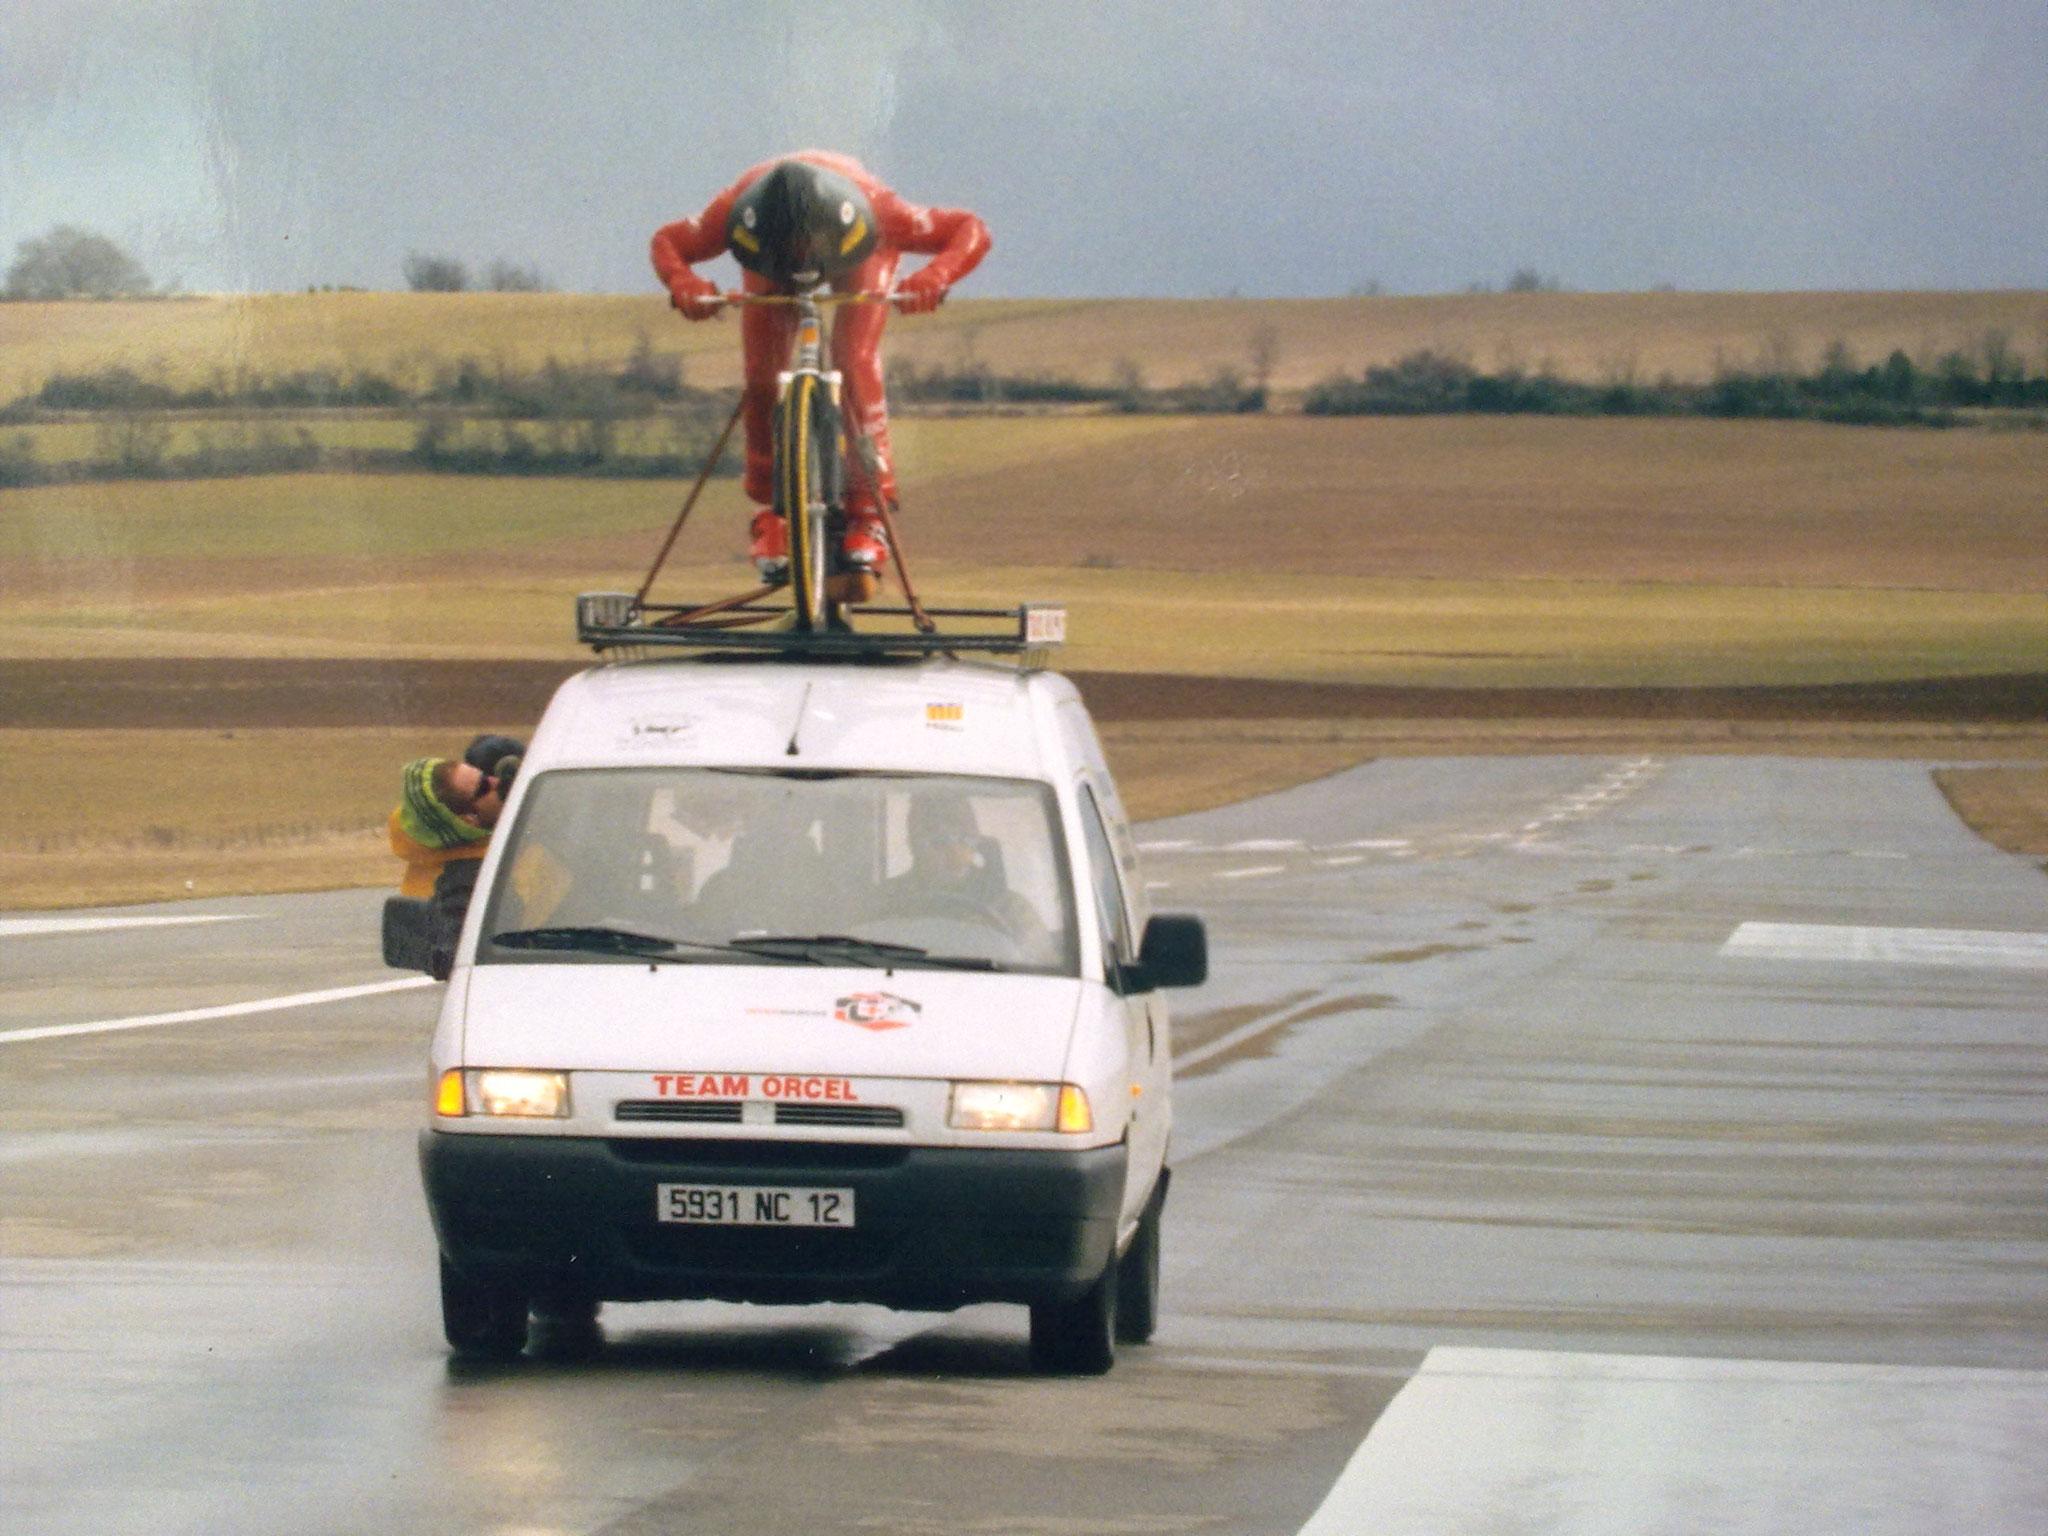 Essais de pénétration dans l'air sur l'aérodrome du Larzac